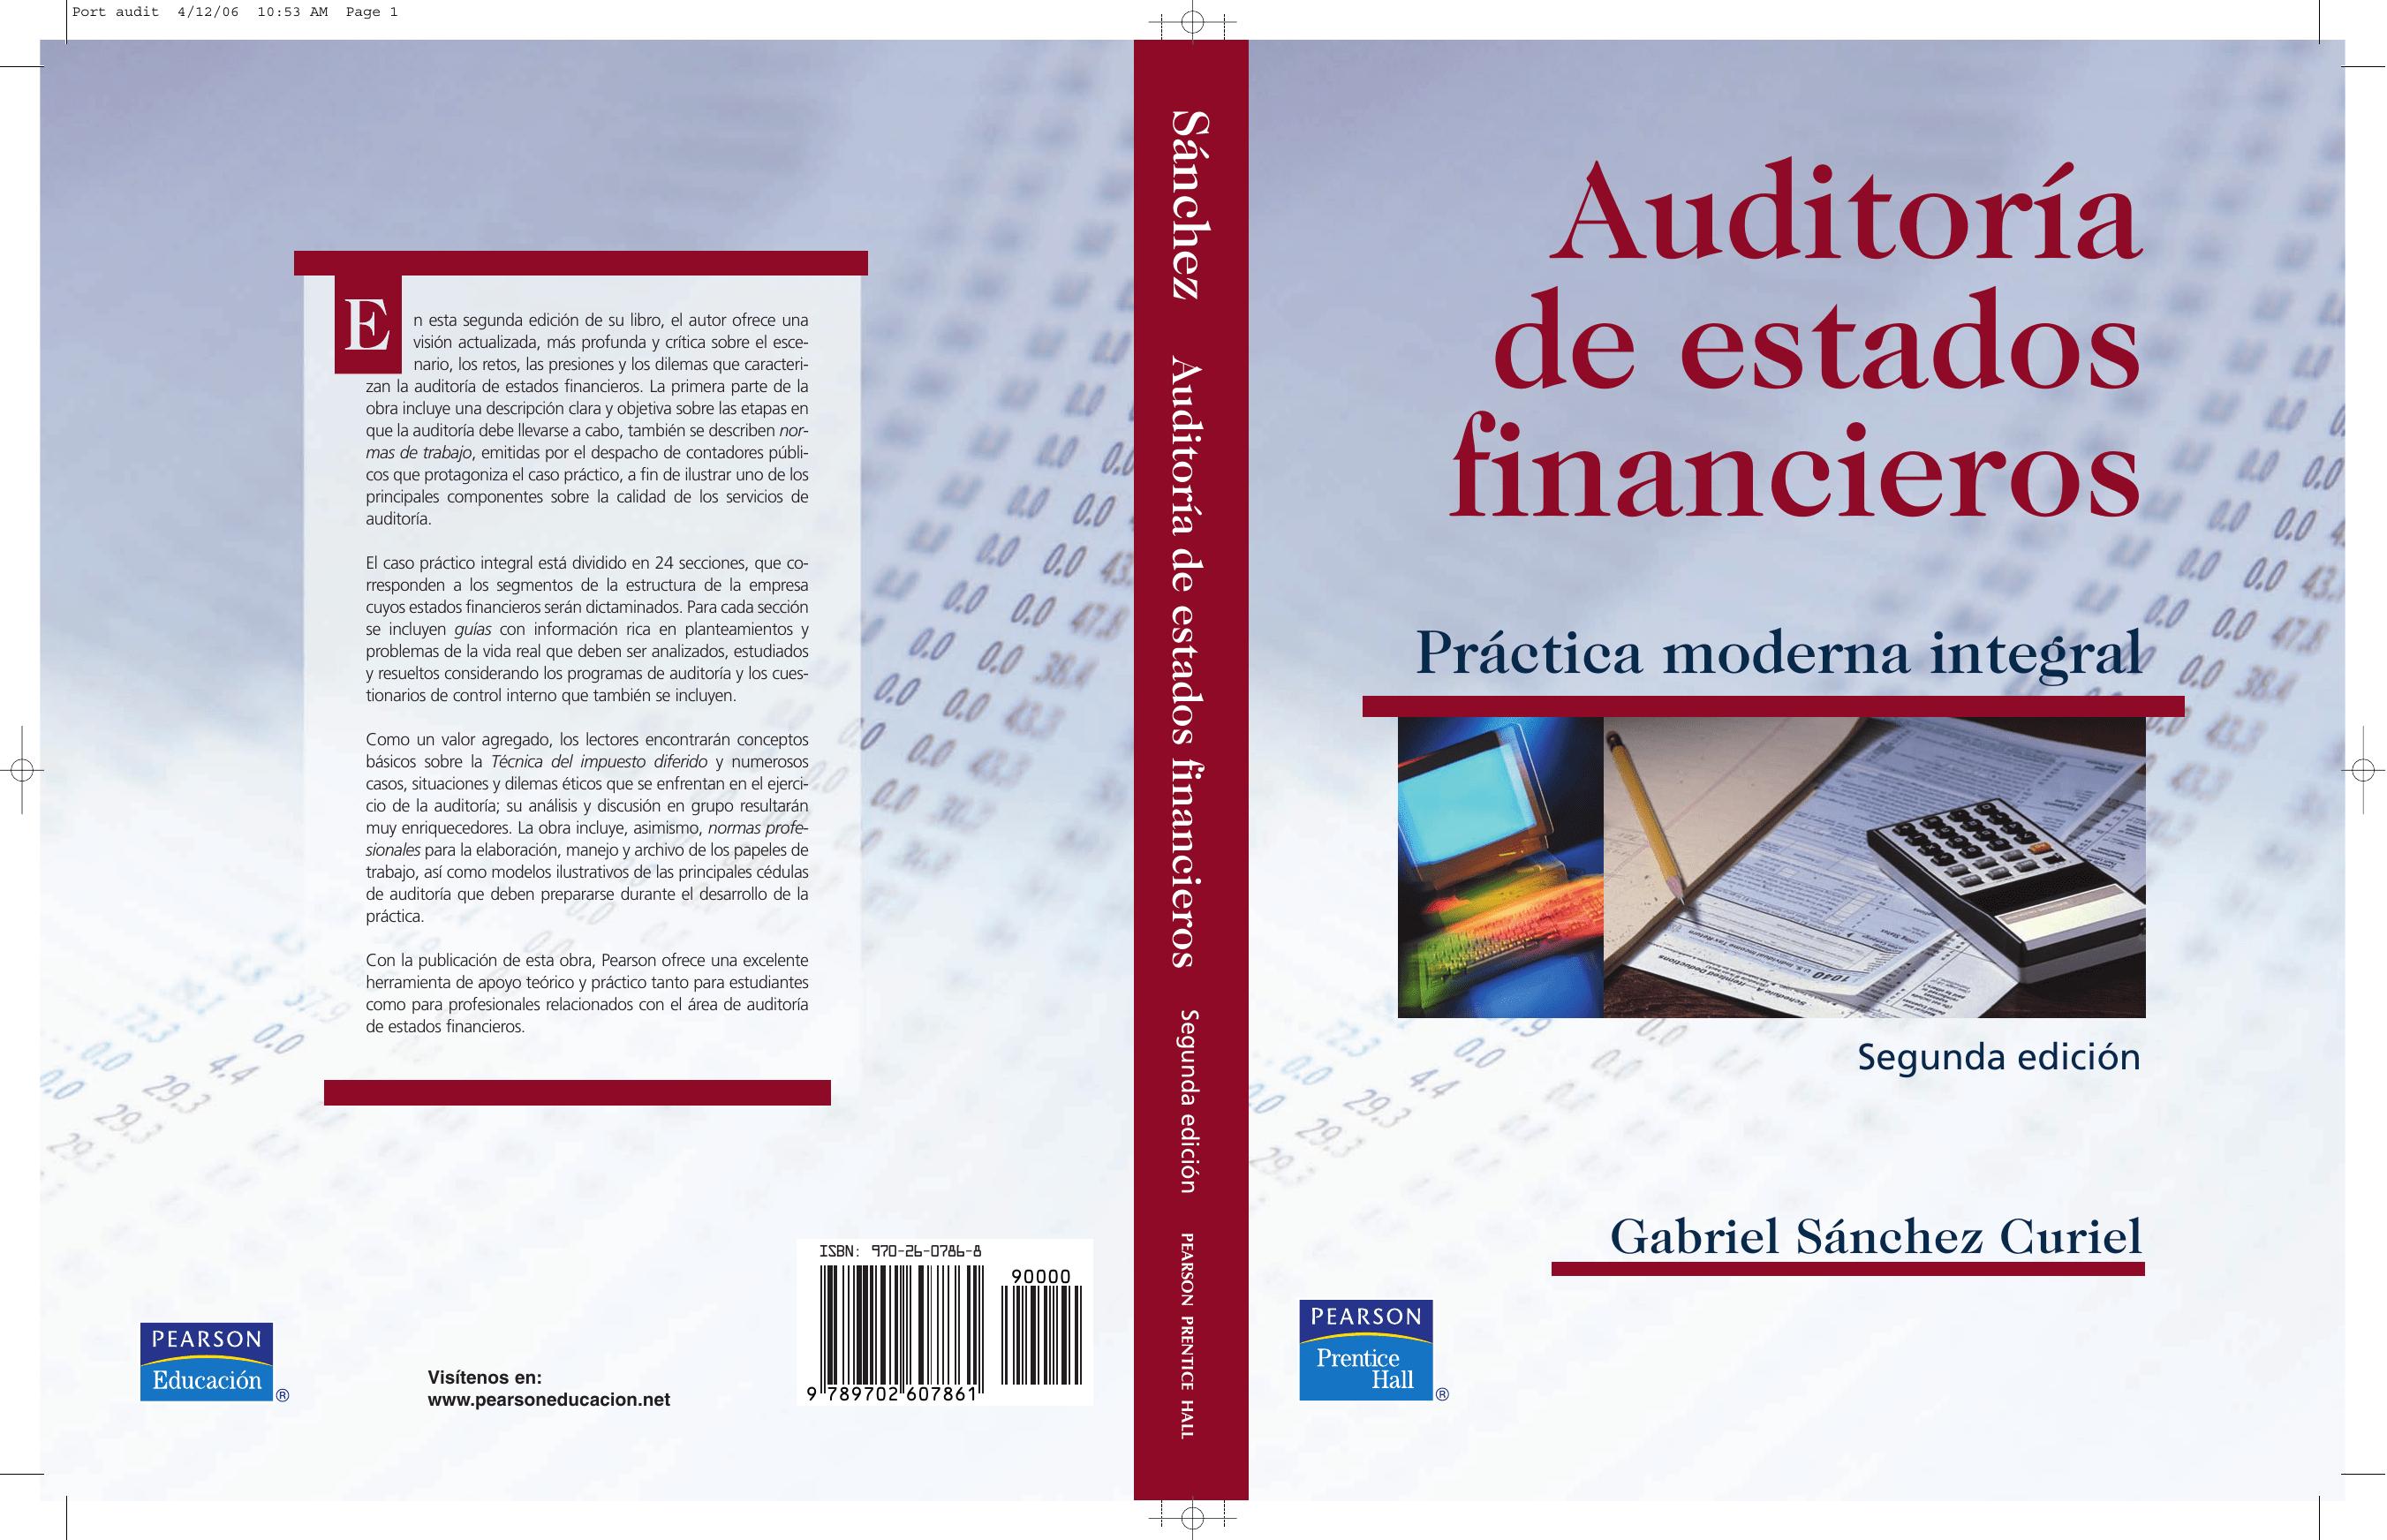 Normas de auditoría aclaradas: Auditorías de los estados financieros del Grupo – Parte 2